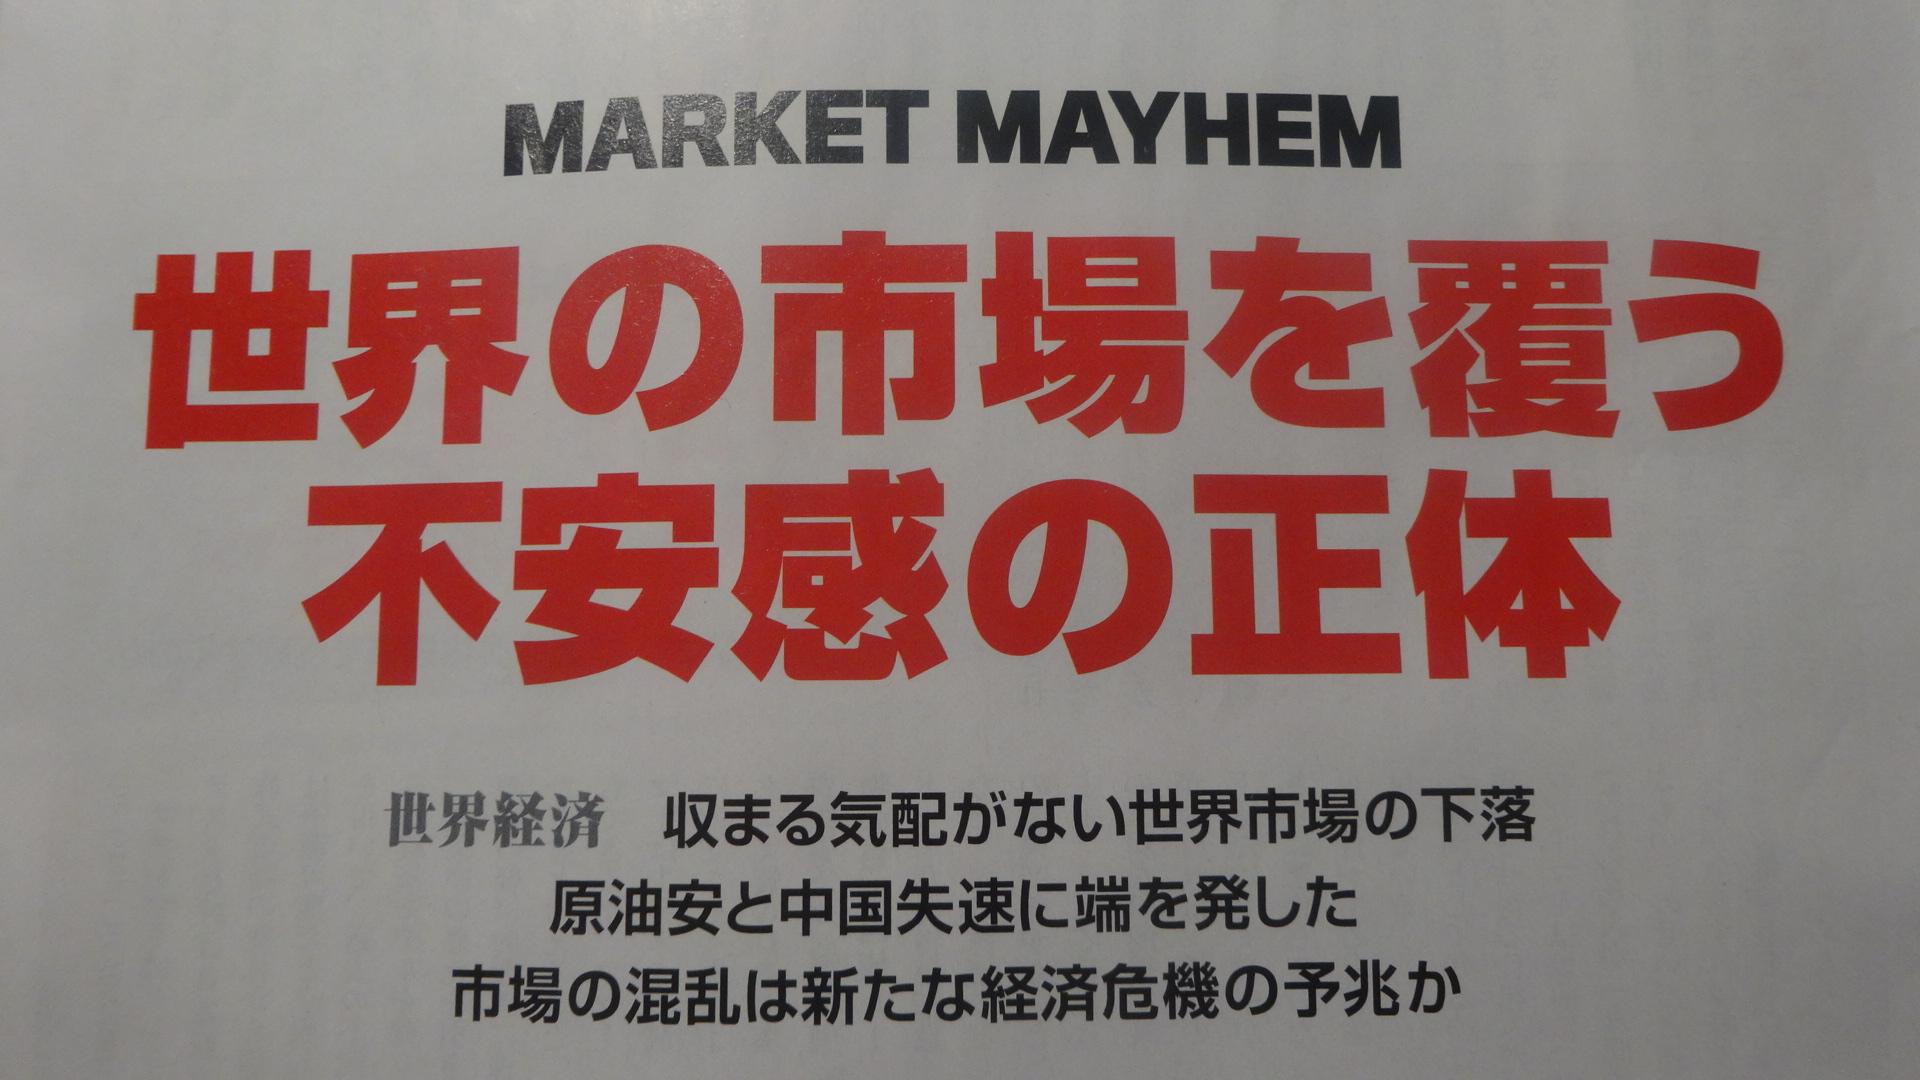 「世界の市場を覆う不安感の正体」という記事